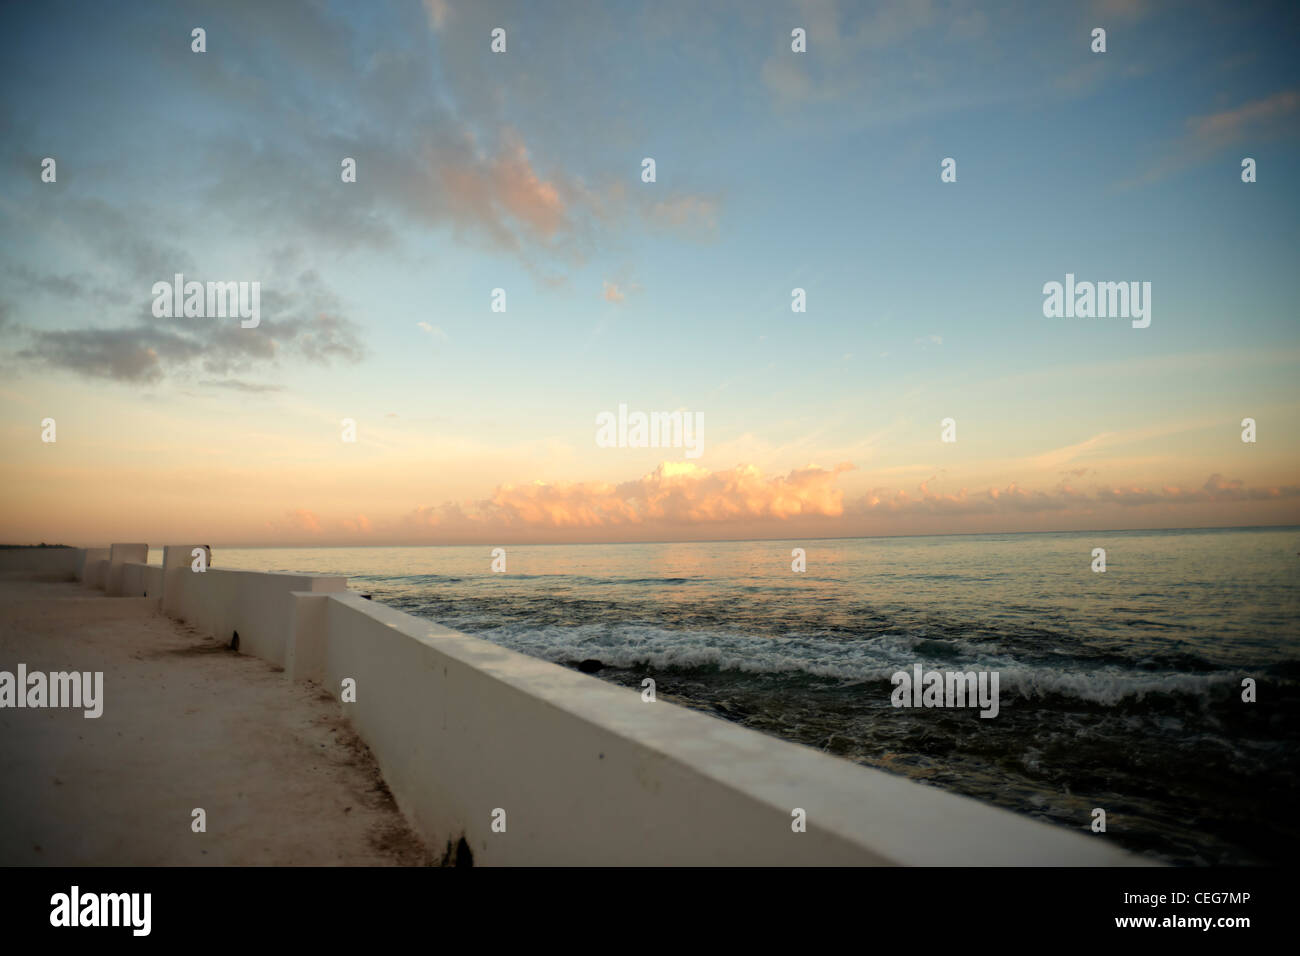 Blick auf den Pazifischen Ozean bei Sonnenuntergang, aus dem Blickwinkel eines Dammes Stockbild